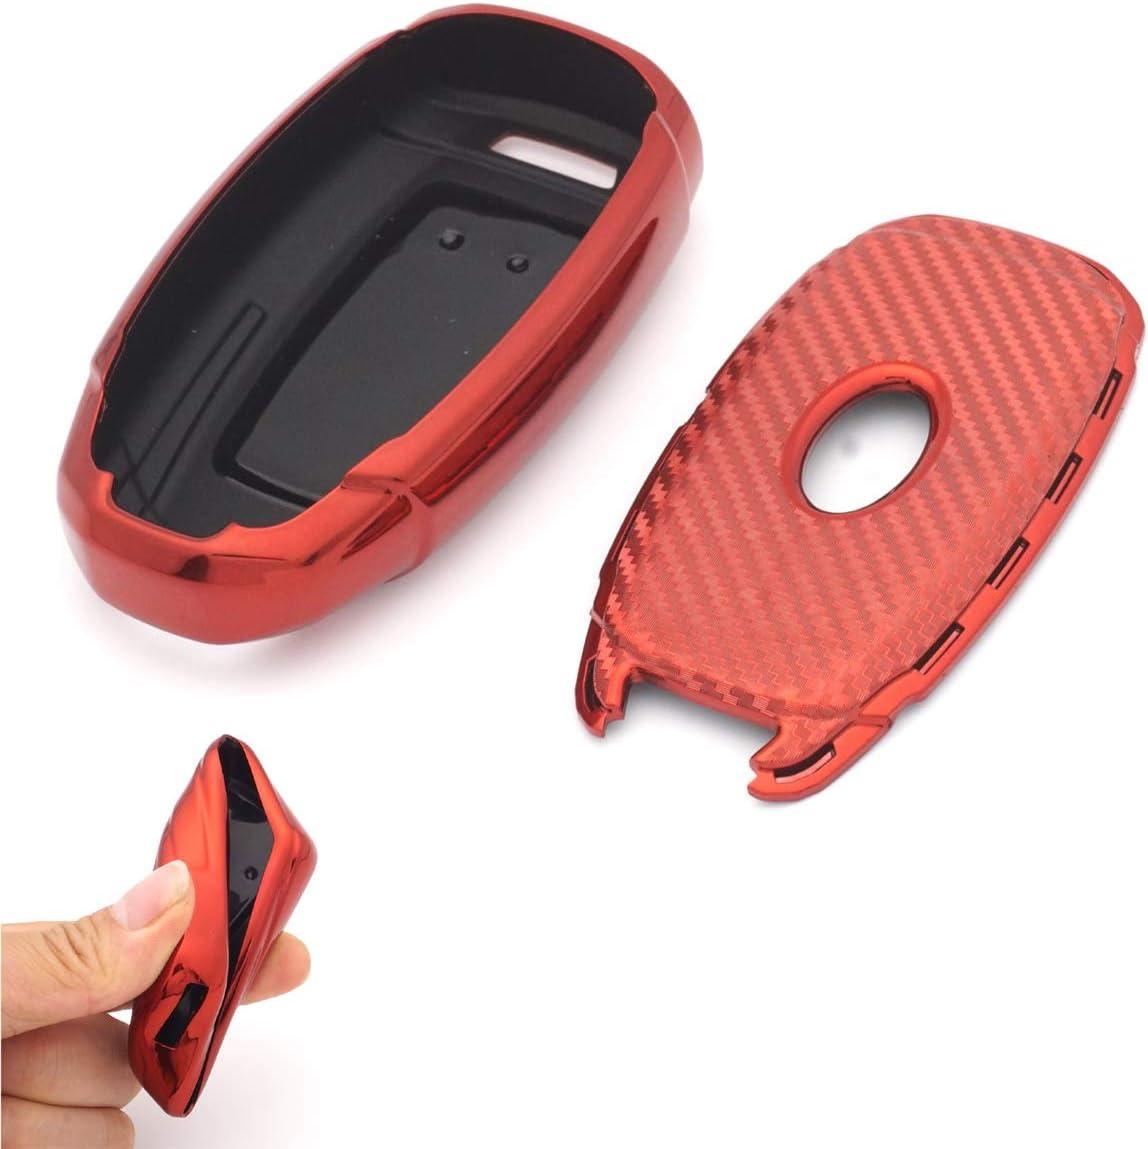 Royalfox 3 4 5 Buttons Soft TPU Carbon Fiber Silicone Smart Remote Key Fob case Cover Shell for Hyundai i30 Azera ix35 Elantra Accent Santa Fe IG Grandeur,2017-2020 Hyundai Palisade Black TM